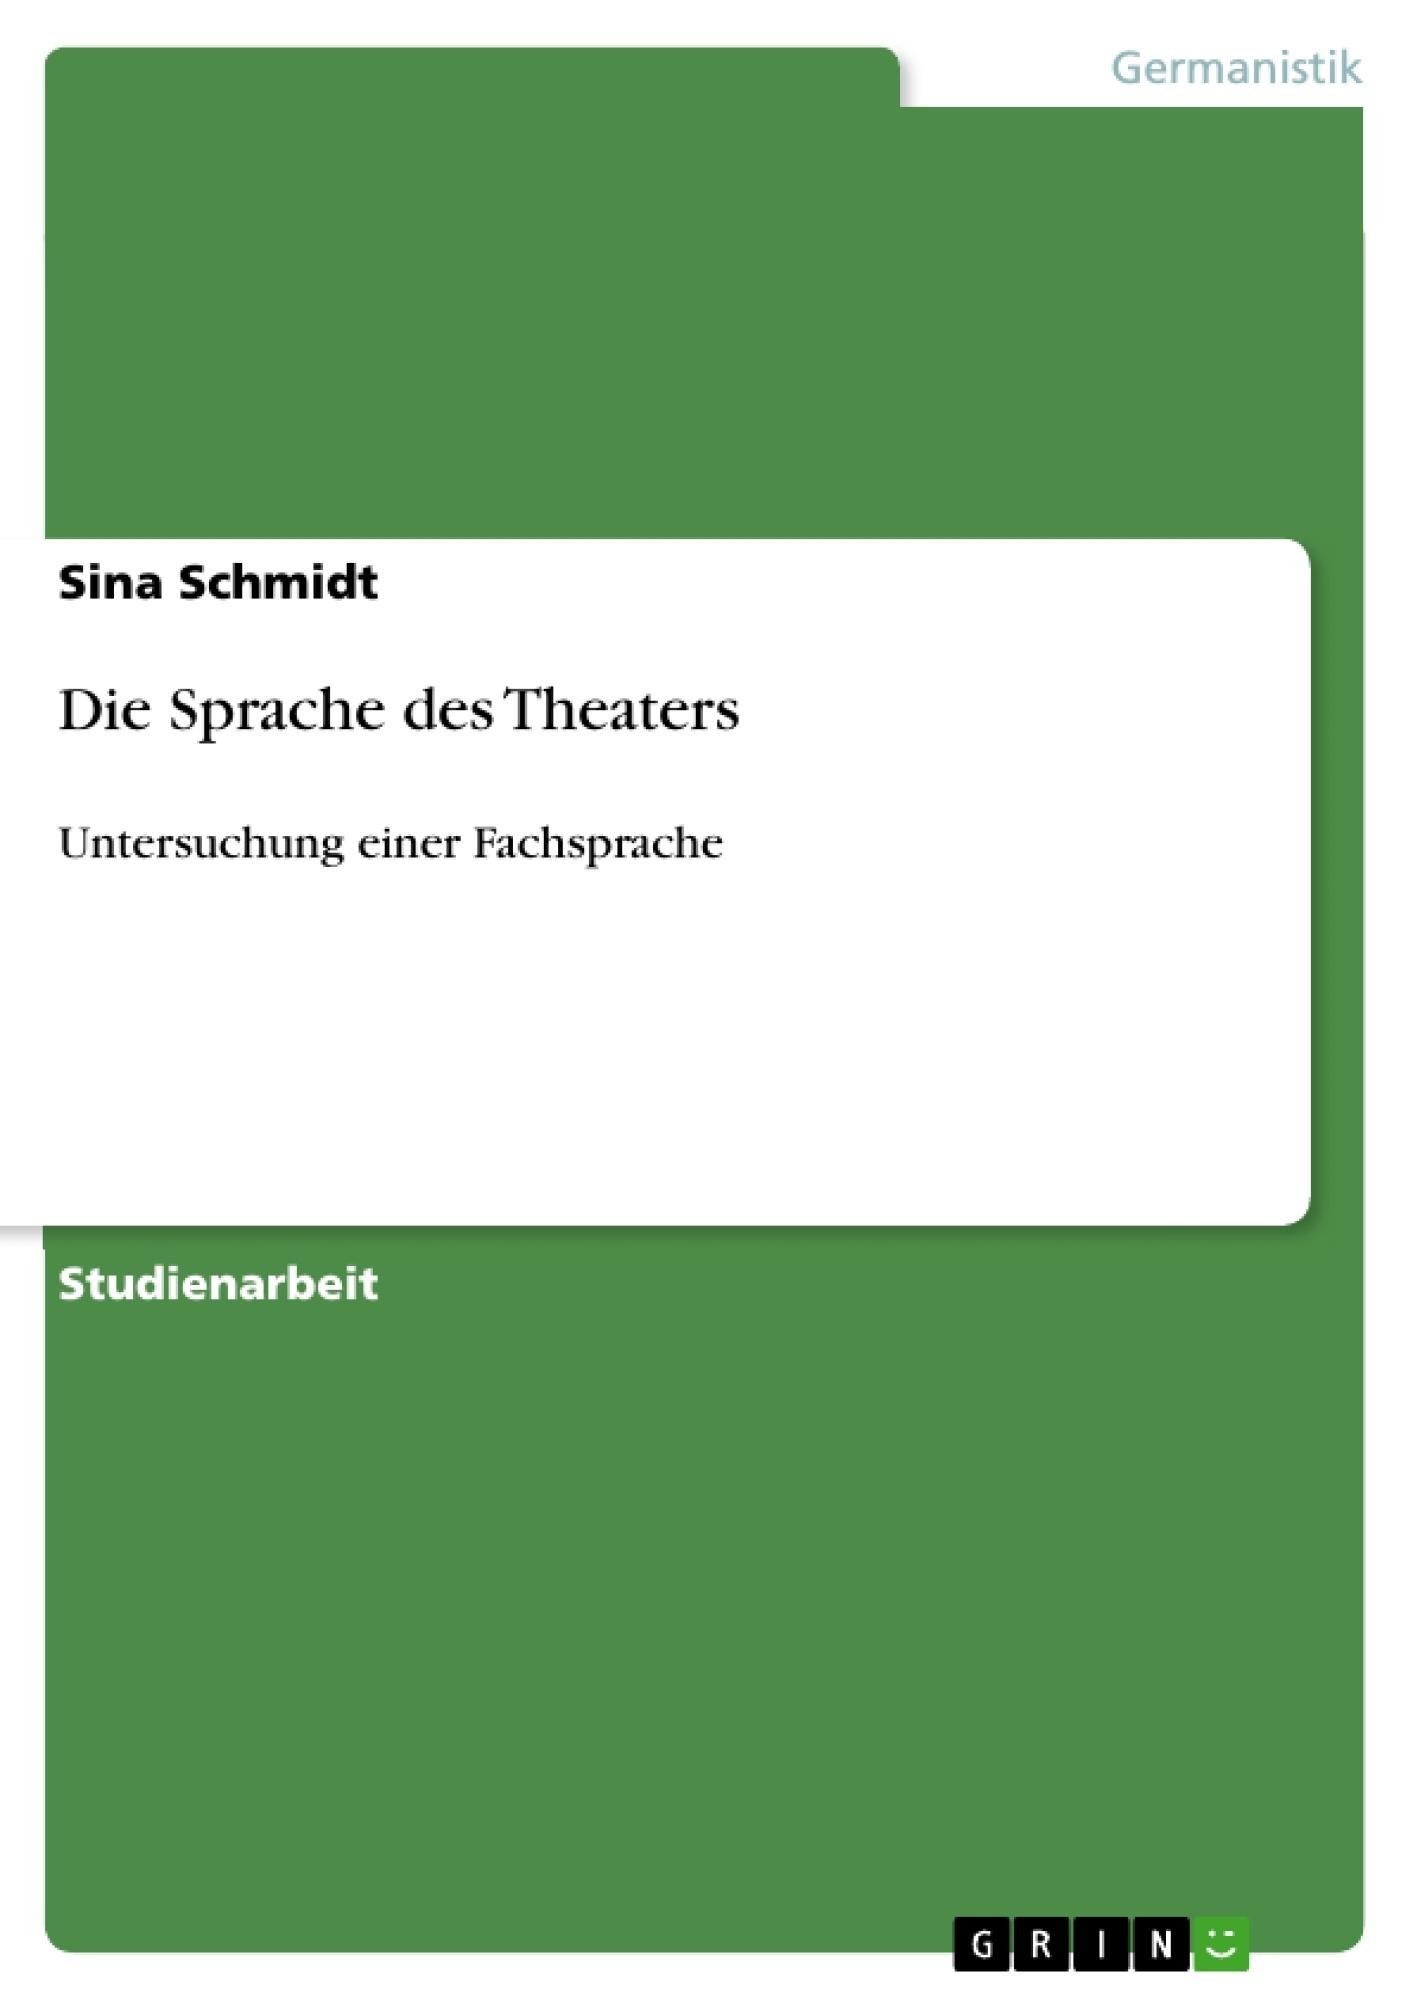 Titel: Die Sprache des Theaters